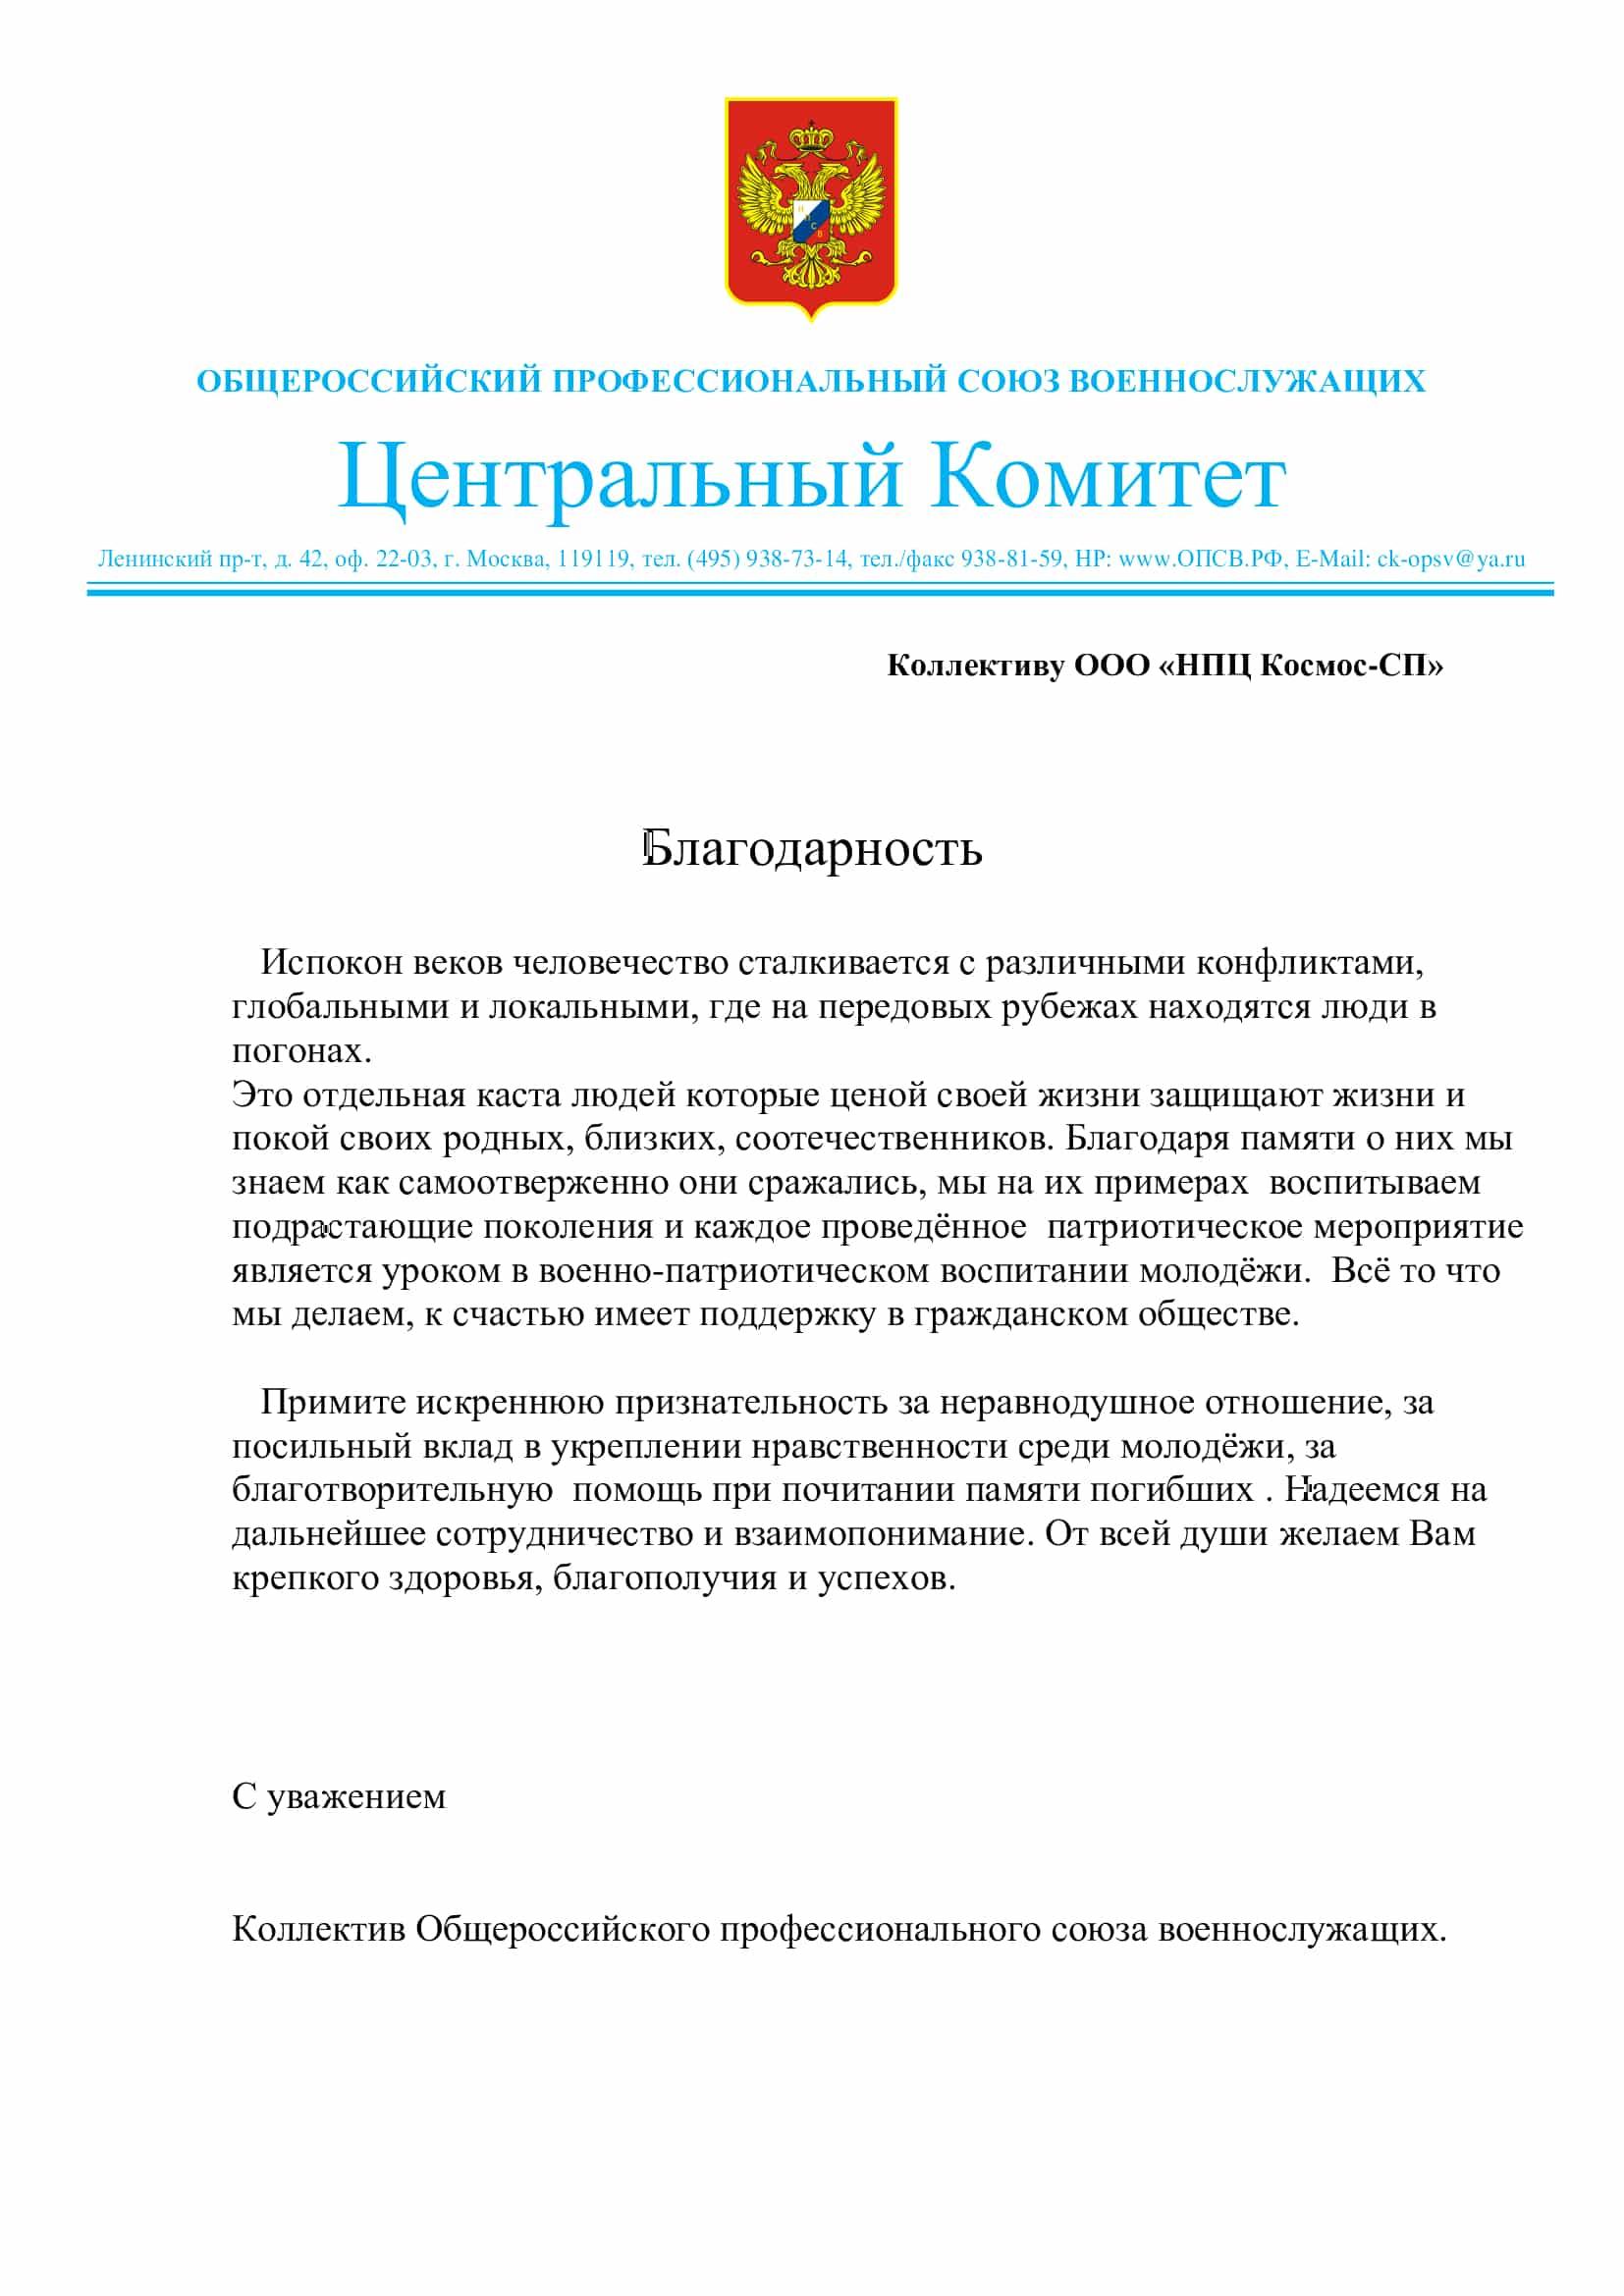 Благодарственное письмо ОПСВ Гармашу В.В.